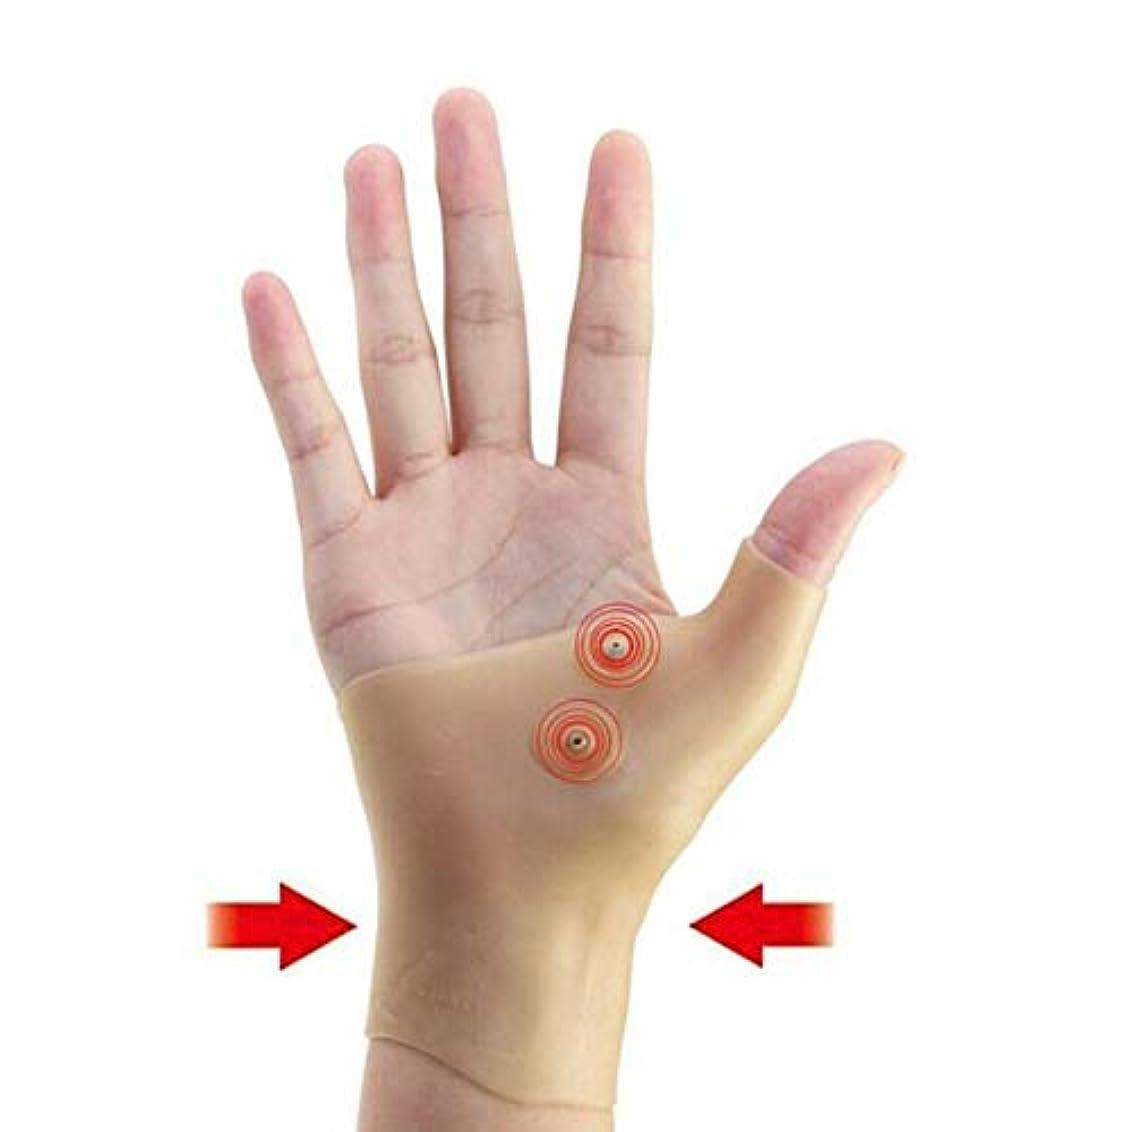 プラス溶接高層ビル磁気療法手首手親指サポート手袋シリコーンゲル関節炎圧力矯正器マッサージ痛み緩和手袋 - 肌の色